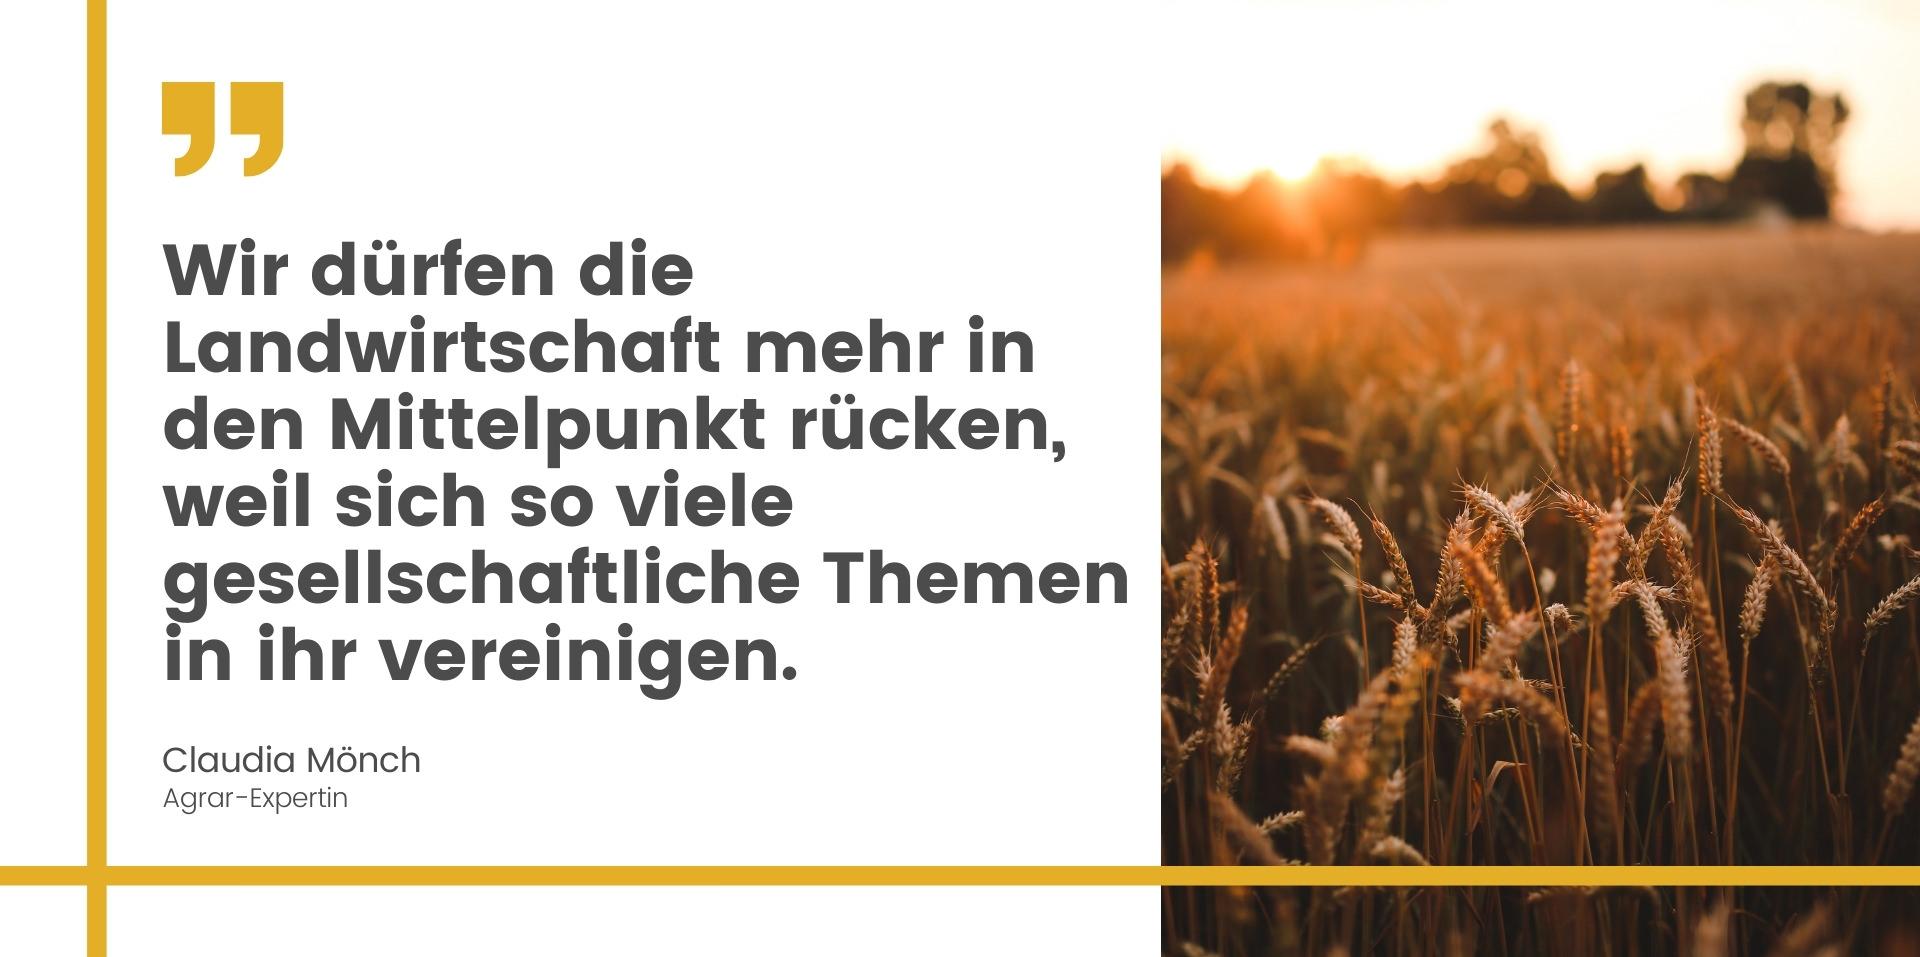 Zitat Claudia Mönch Landwirtschaft